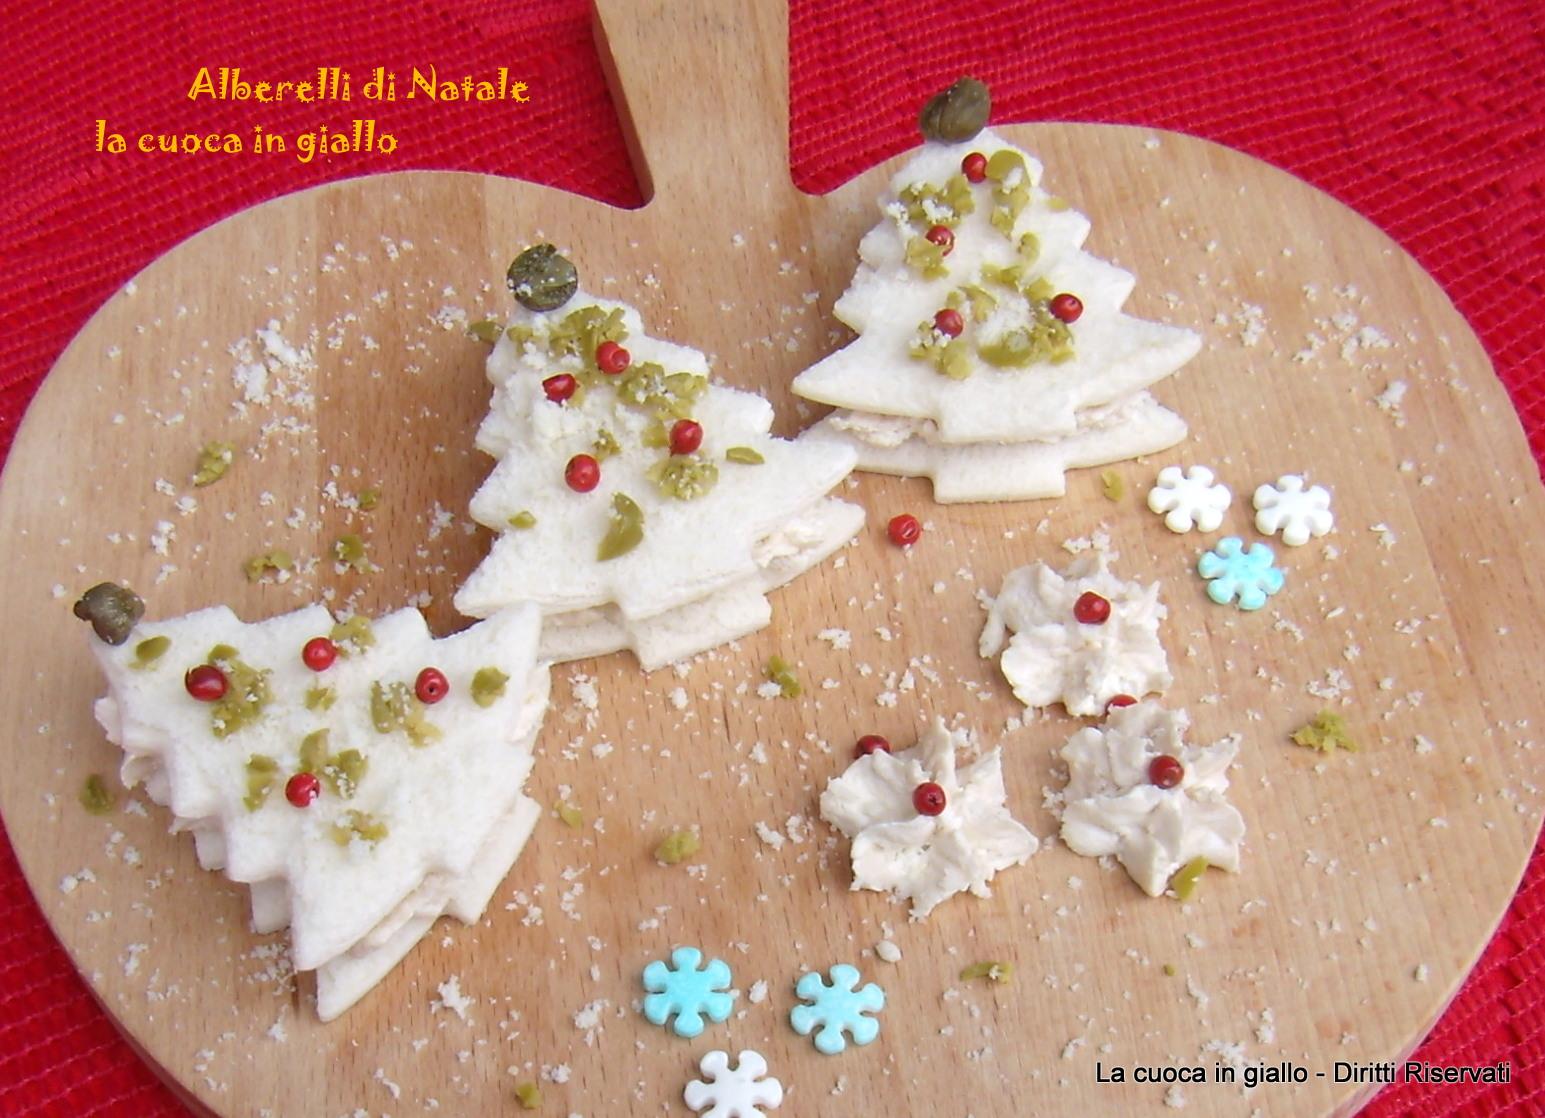 Ricerca ricette con alberelli di natale for Alberelli di natale